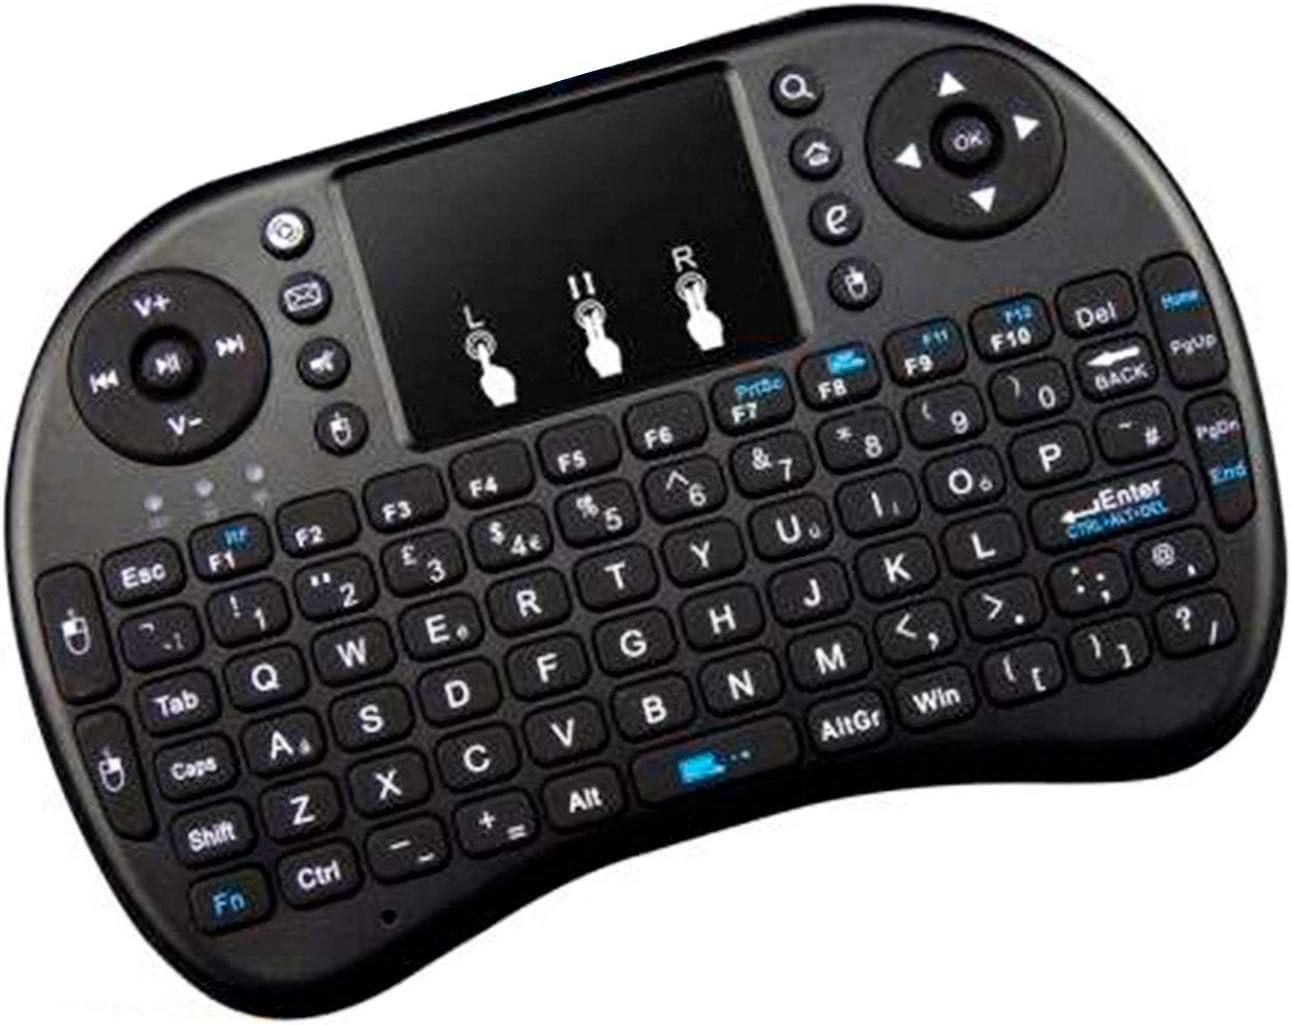 Mini teclado Universal sanda 2.4 Sd-1594: Amazon.es ...